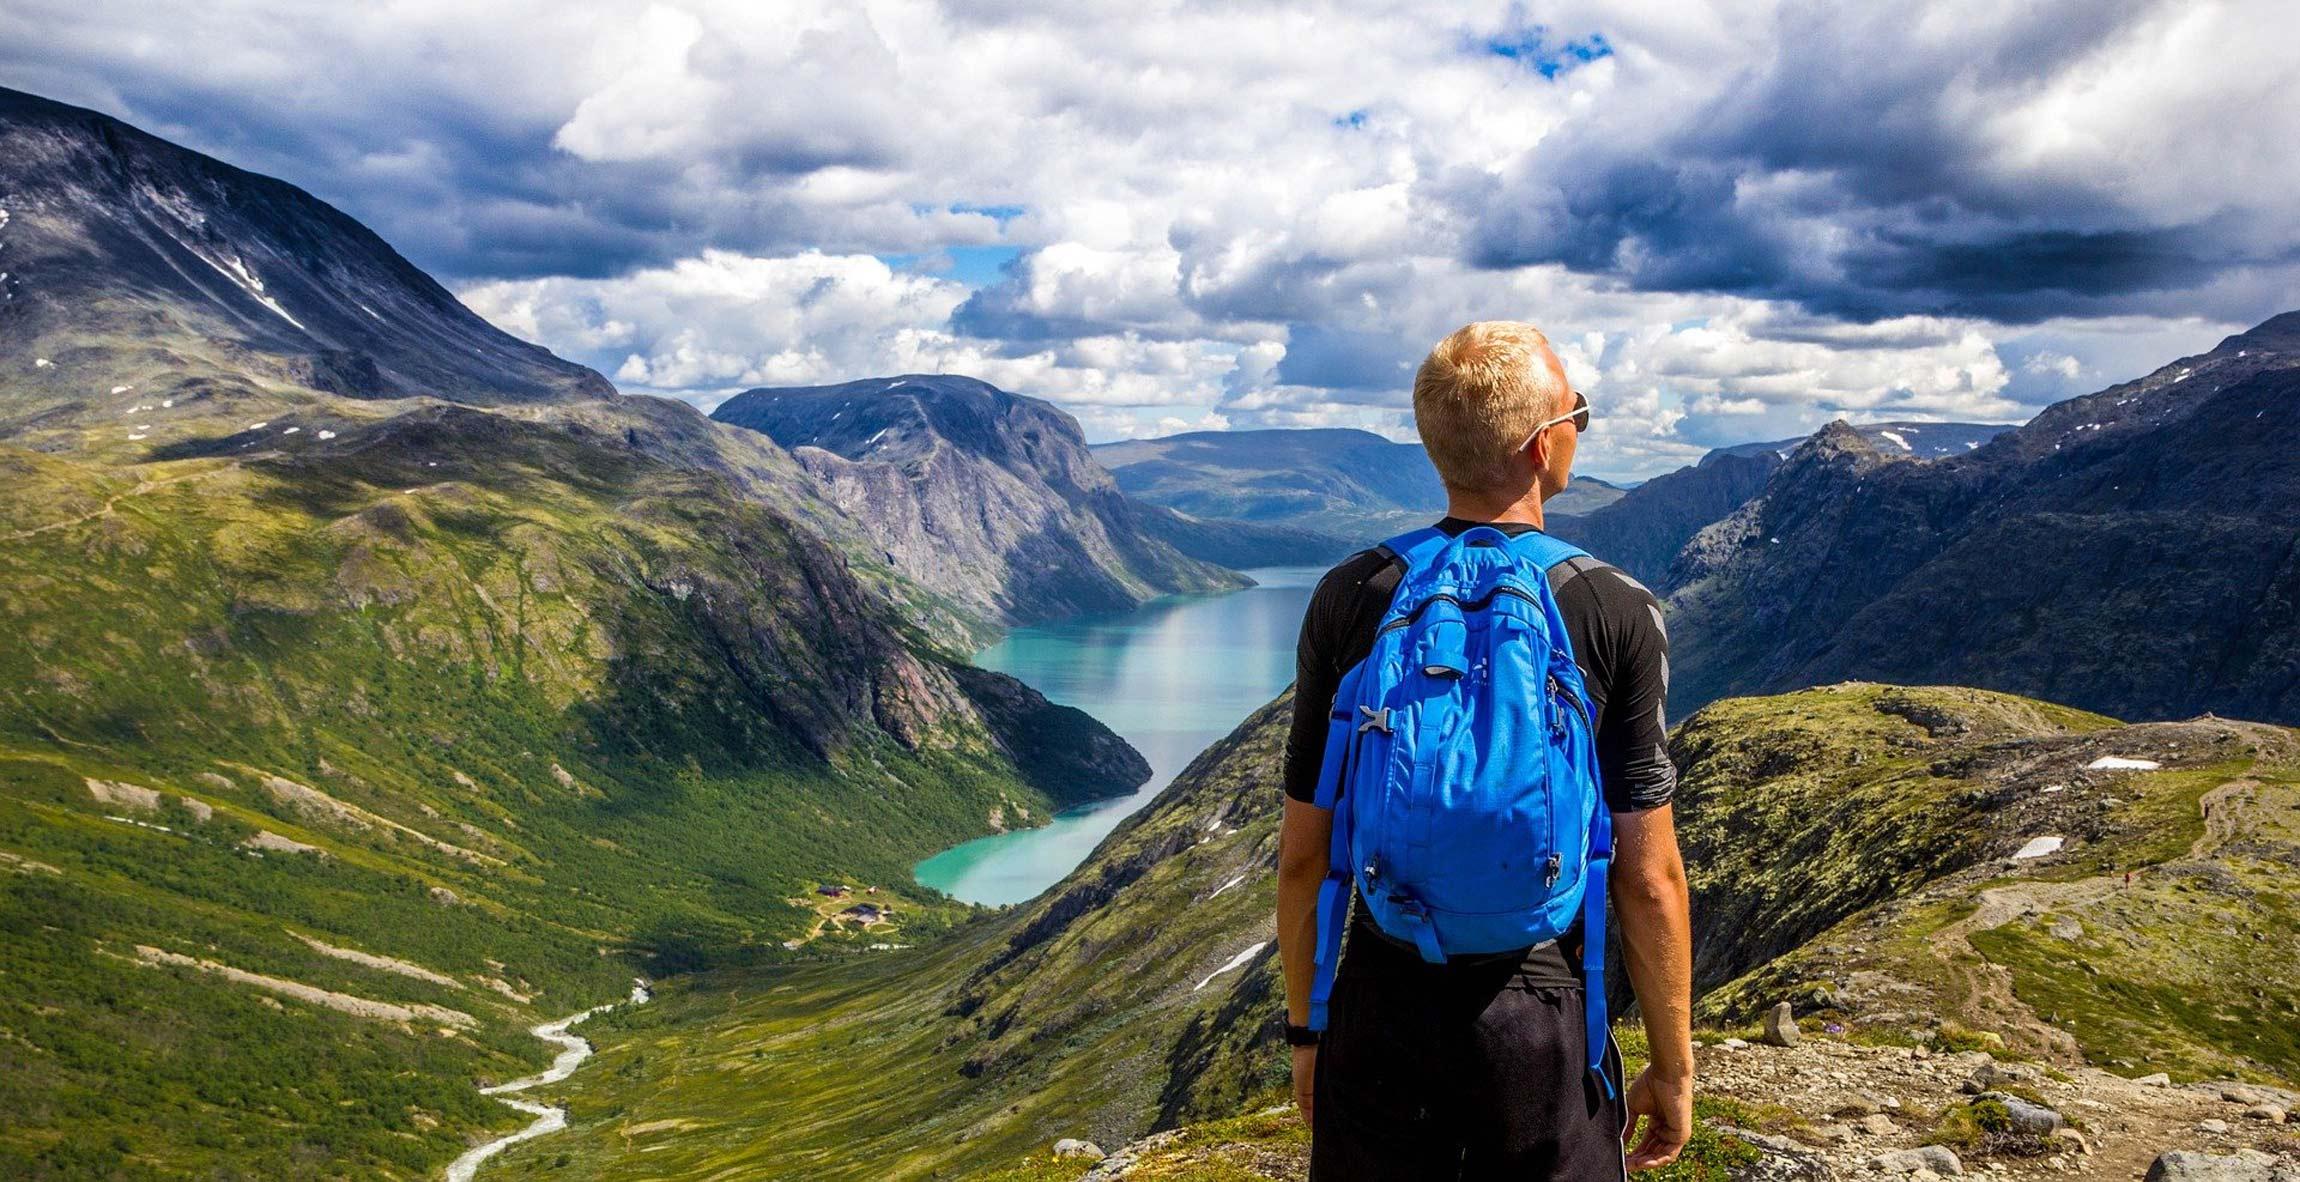 Ein Wanderurlaub in unberührter Natur gehört zu den intensivsten Erlebnissen für Wanderer © Pixabay.com, Sorbyphoto (CC0 Creative Commons)